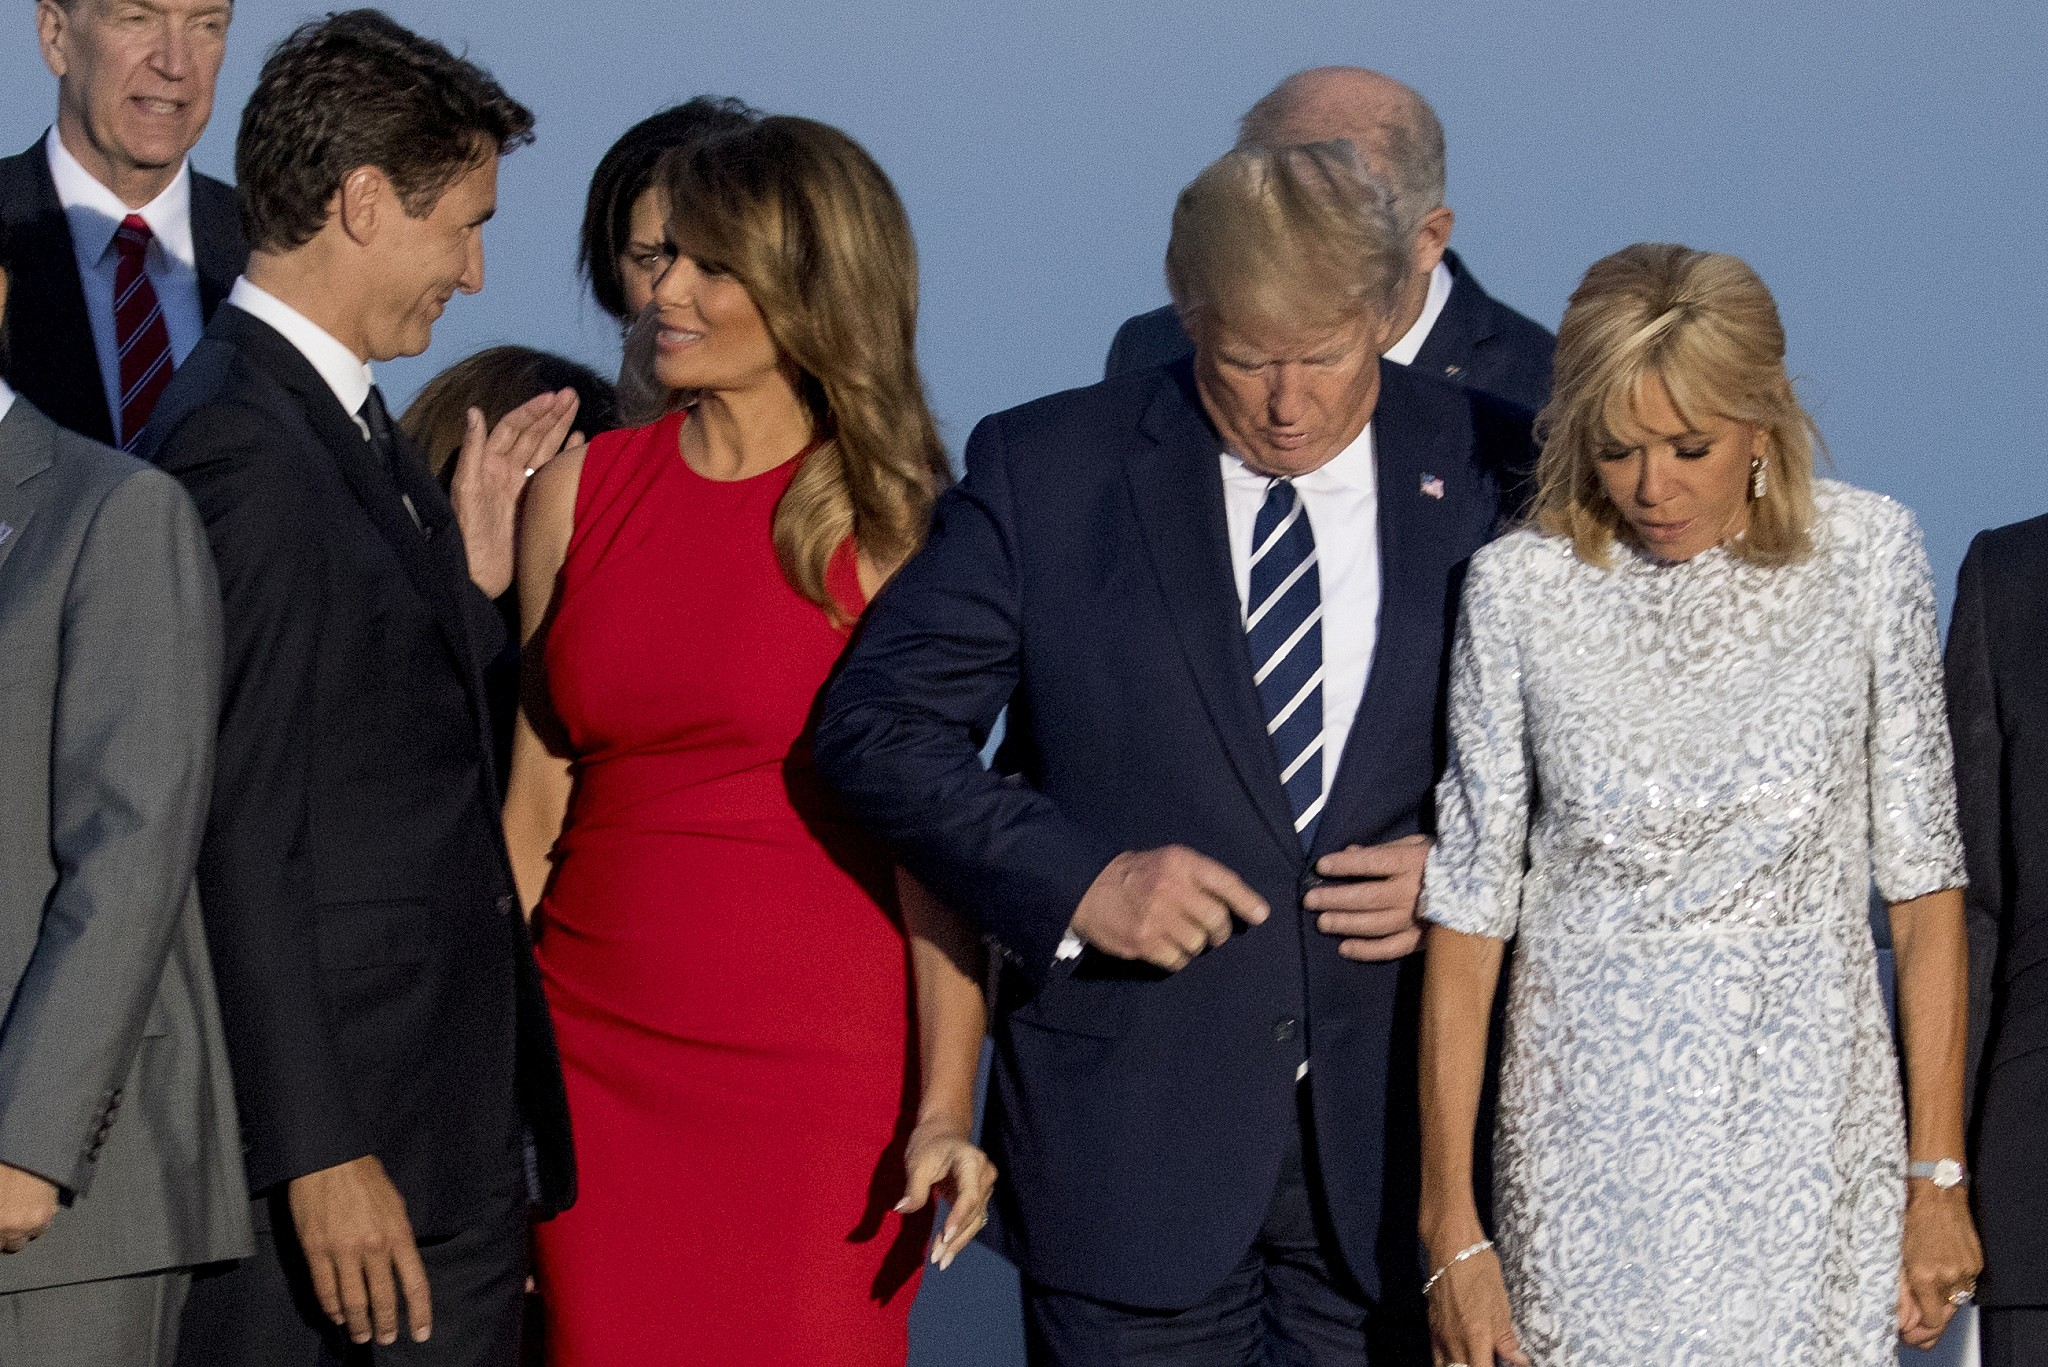 Photos of Melania Trump Kissing Justin Trudeau at G7 Go Viral